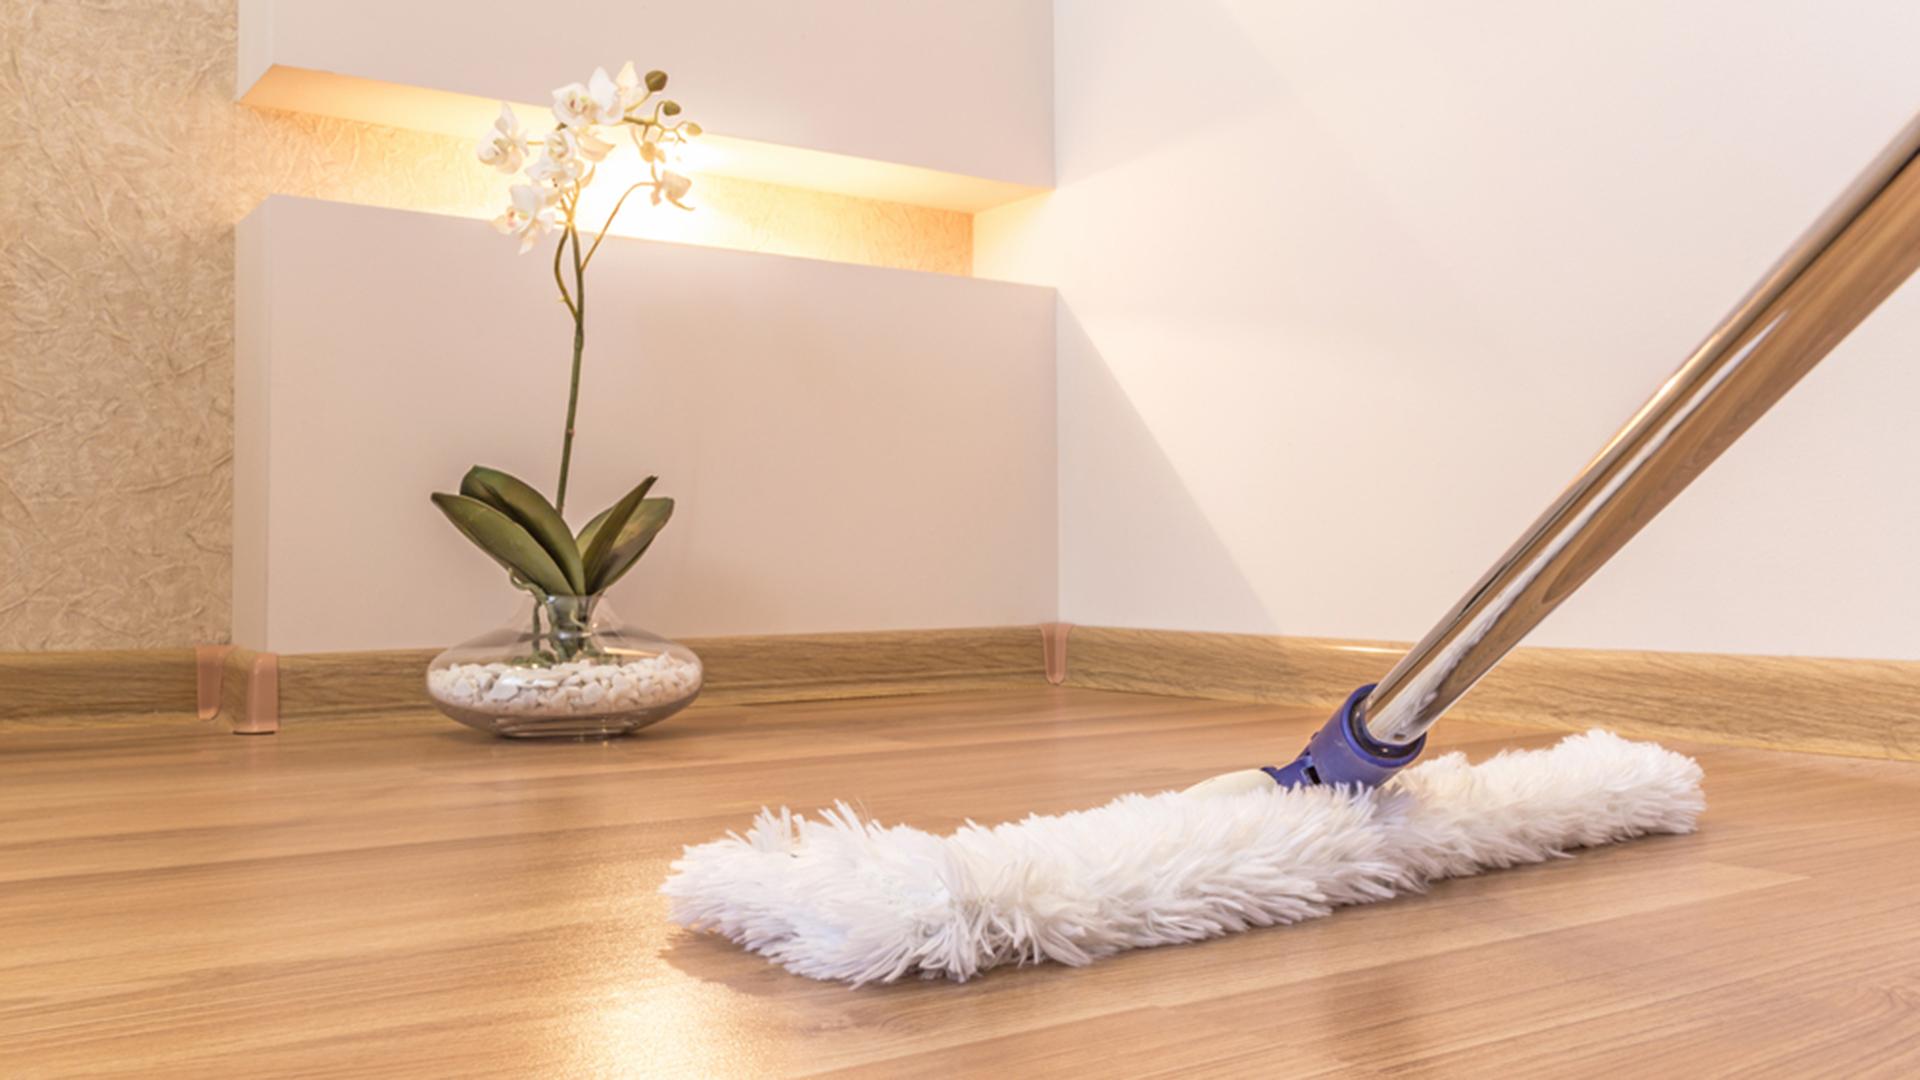 ทำความสะอาดพื้น